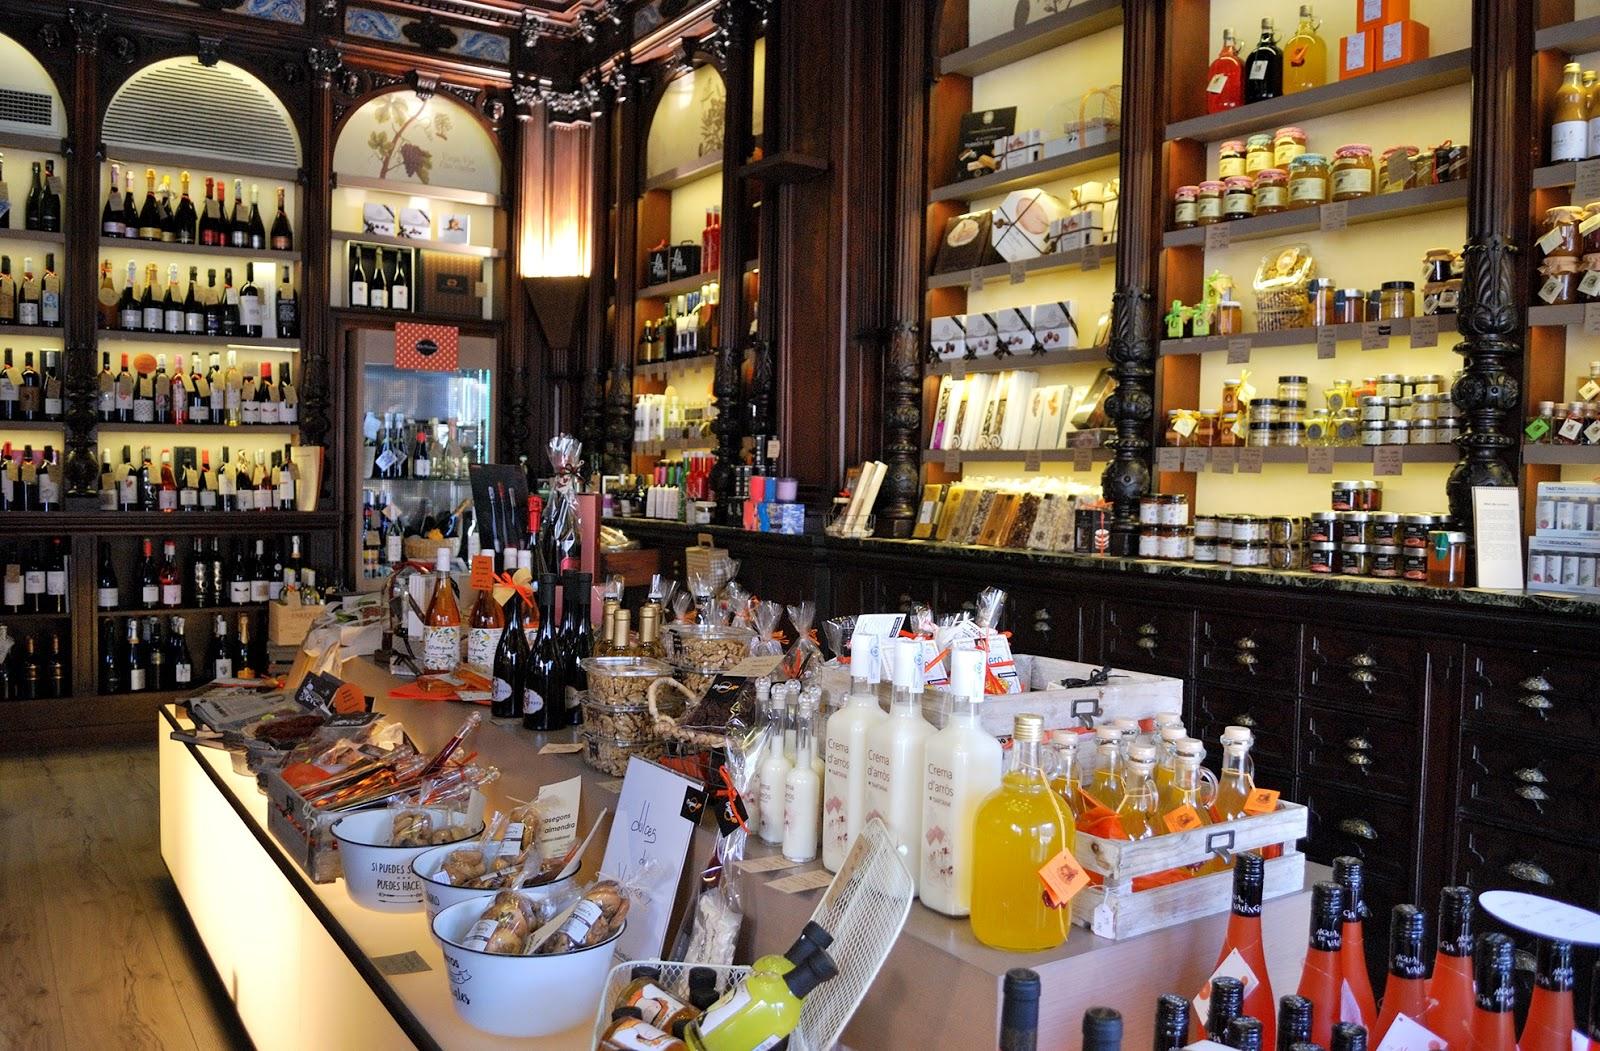 delicatesen delicacy store shop gourmet valencia spain españa